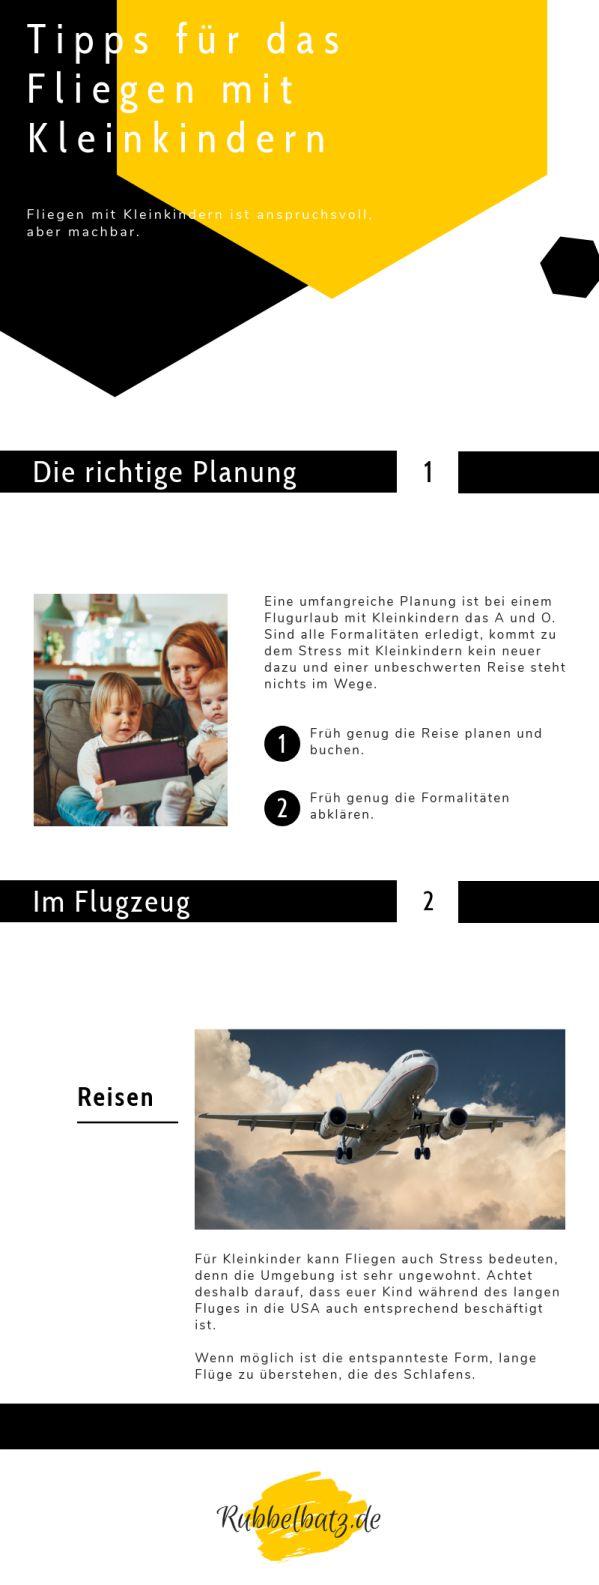 Flugreisen mit Kleinkindern sind immer eine Herausforderung